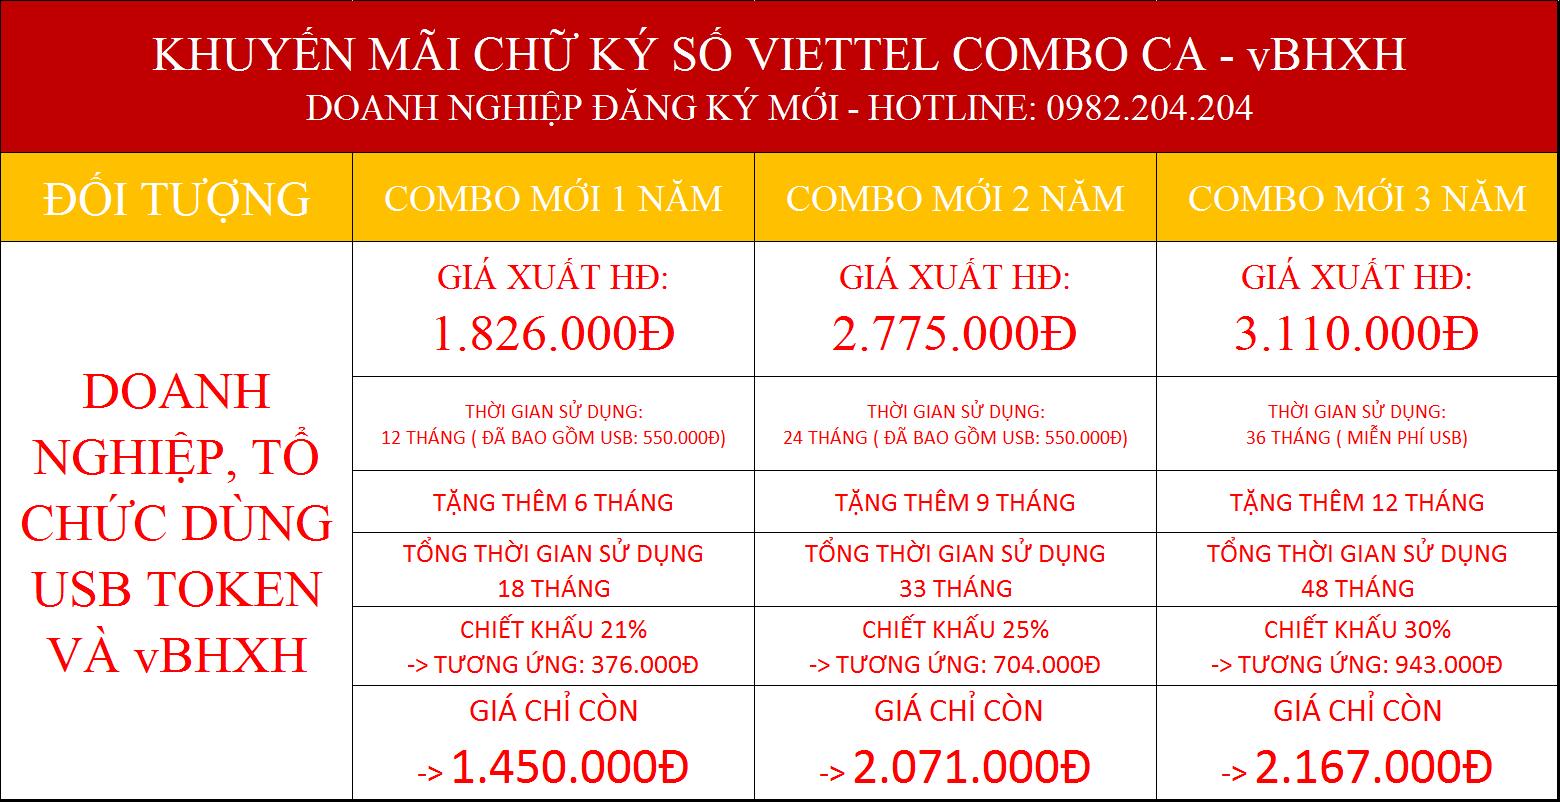 Bảng giá chữ ký số Viettel Đà Nẵng combo kèm vBHXH